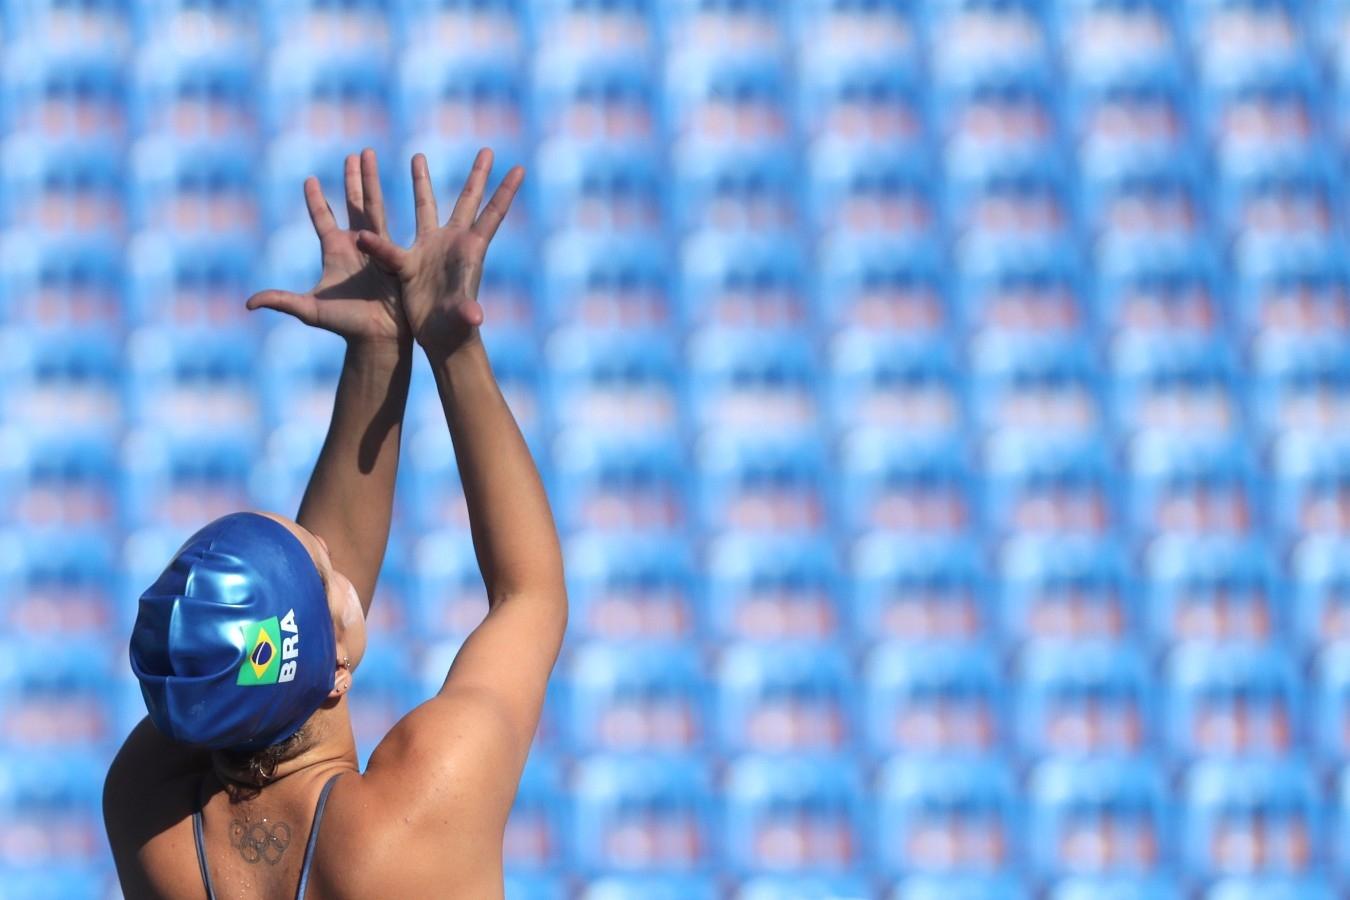 Maria Clara Coutinho. Selecao Brasileira de Nado Sincronizado. Campeonato Mundial de Desportos Aquaticos. City Park - Varosliget Lake . 13 de Julho de 2017, Hungria, Budapeste. Foto: Satiro Sodré/SSPress/CBDA